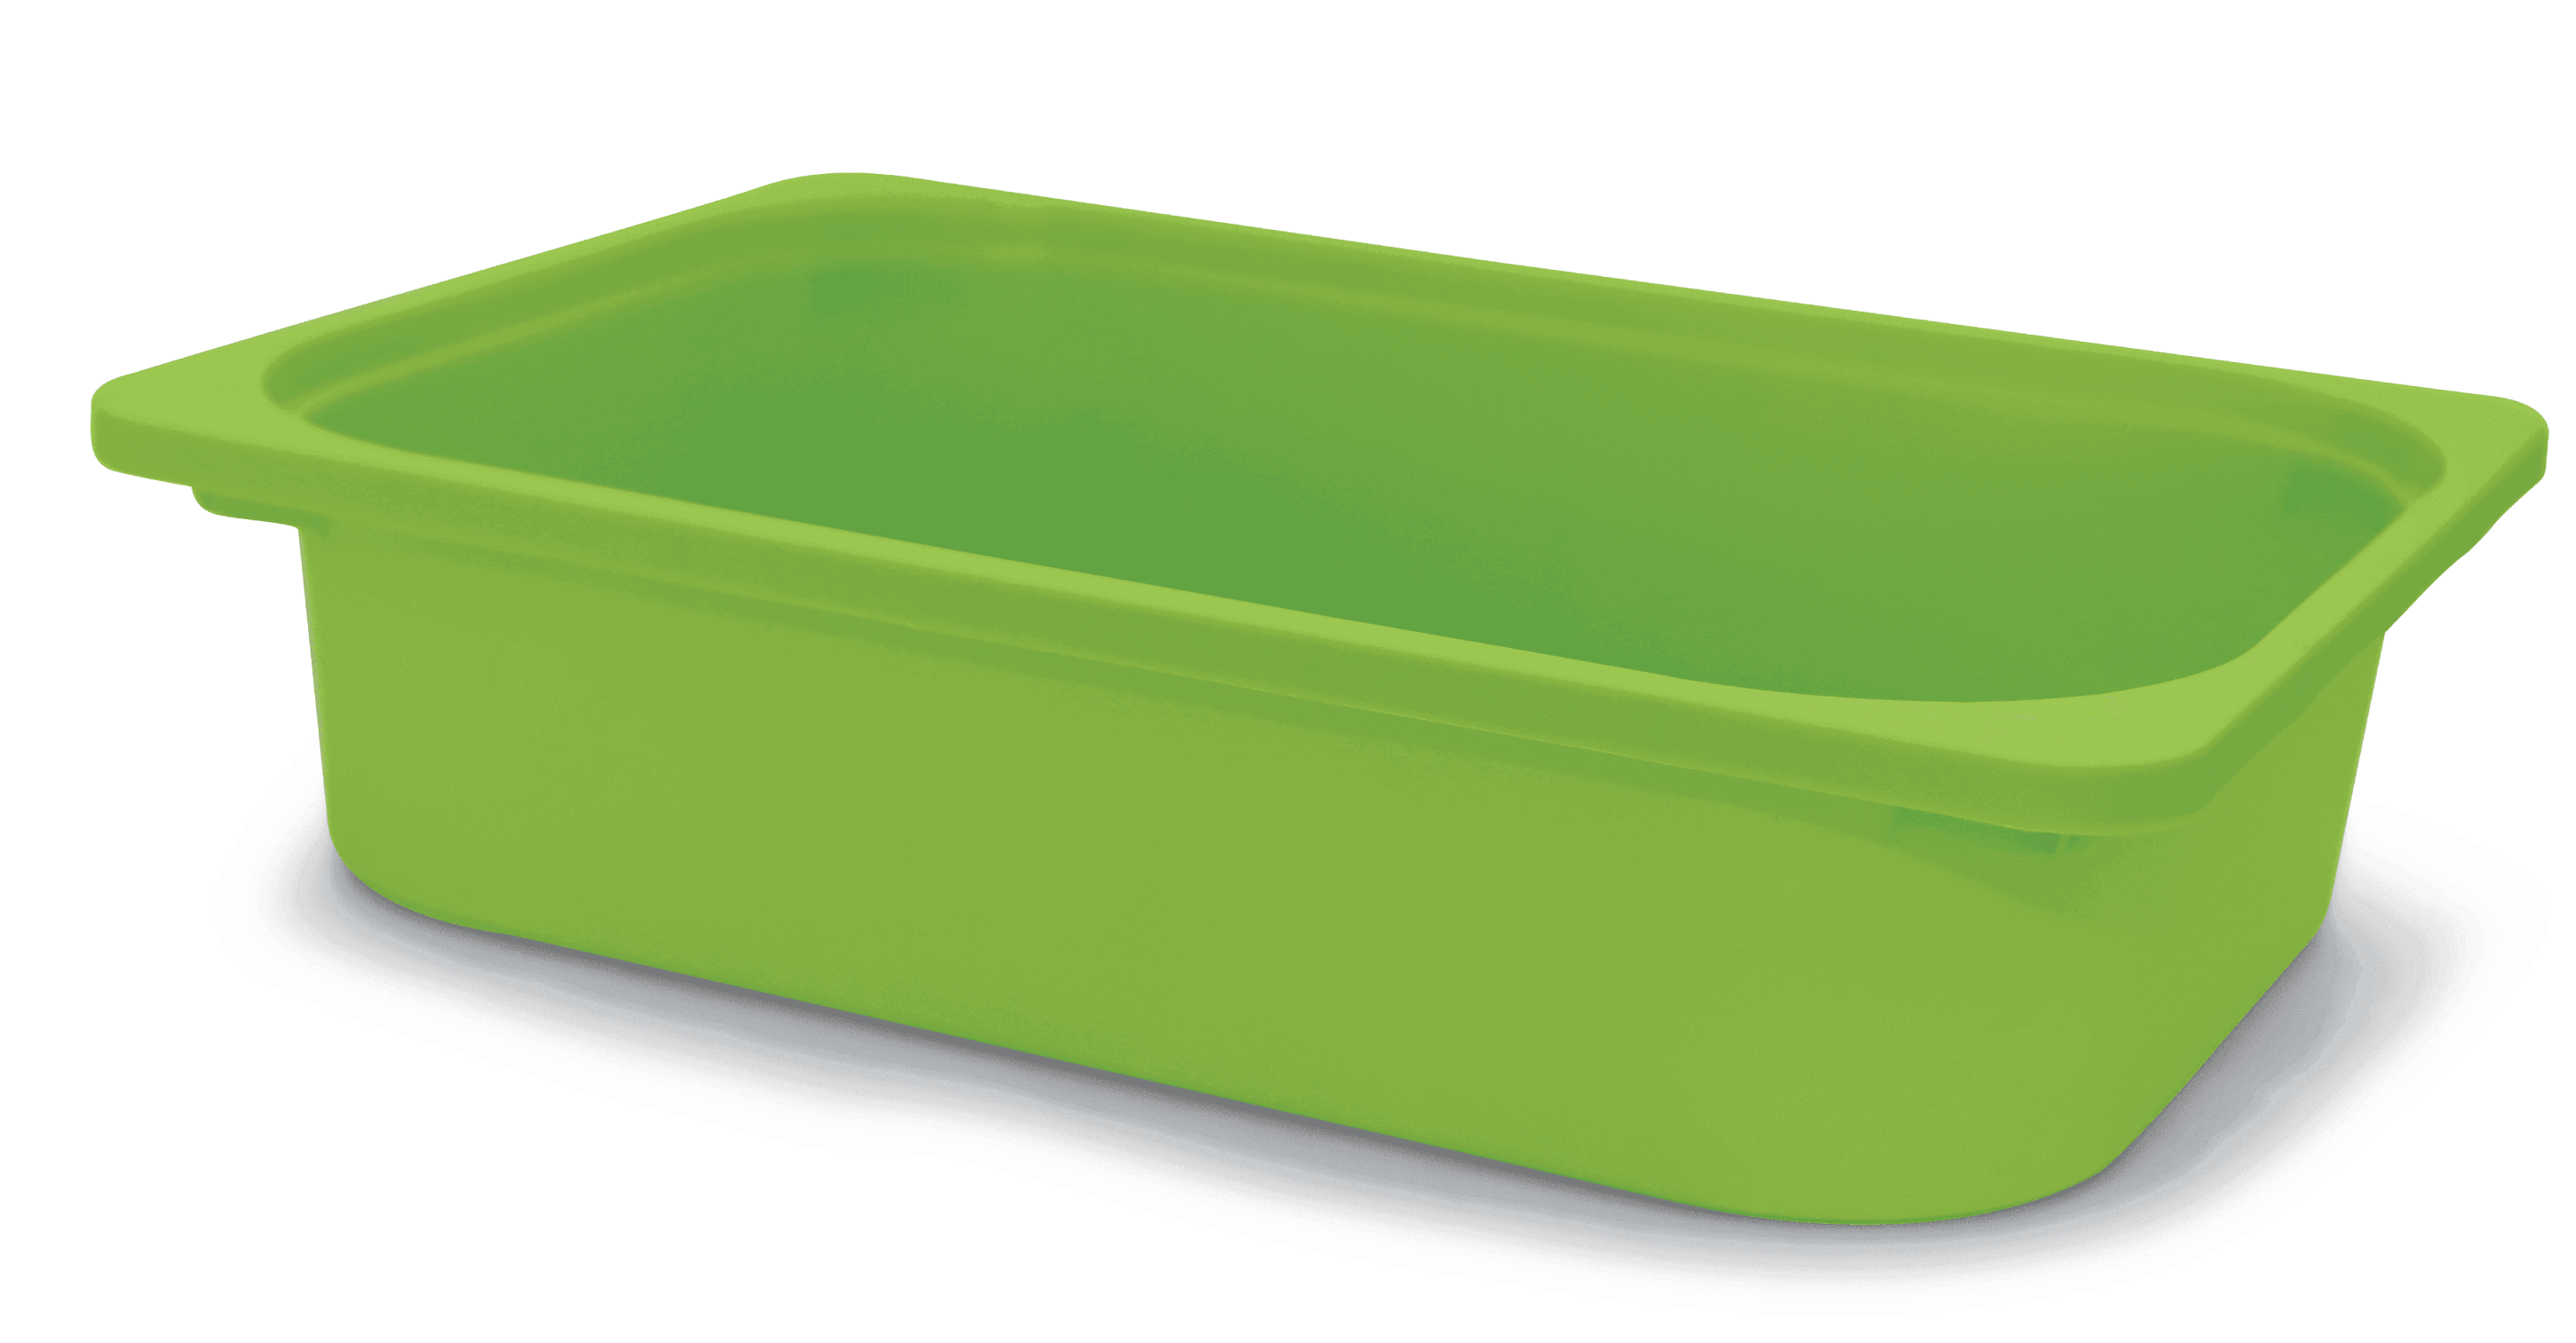 Saklama Kutusu Fıstık Yeşili 42x30x10